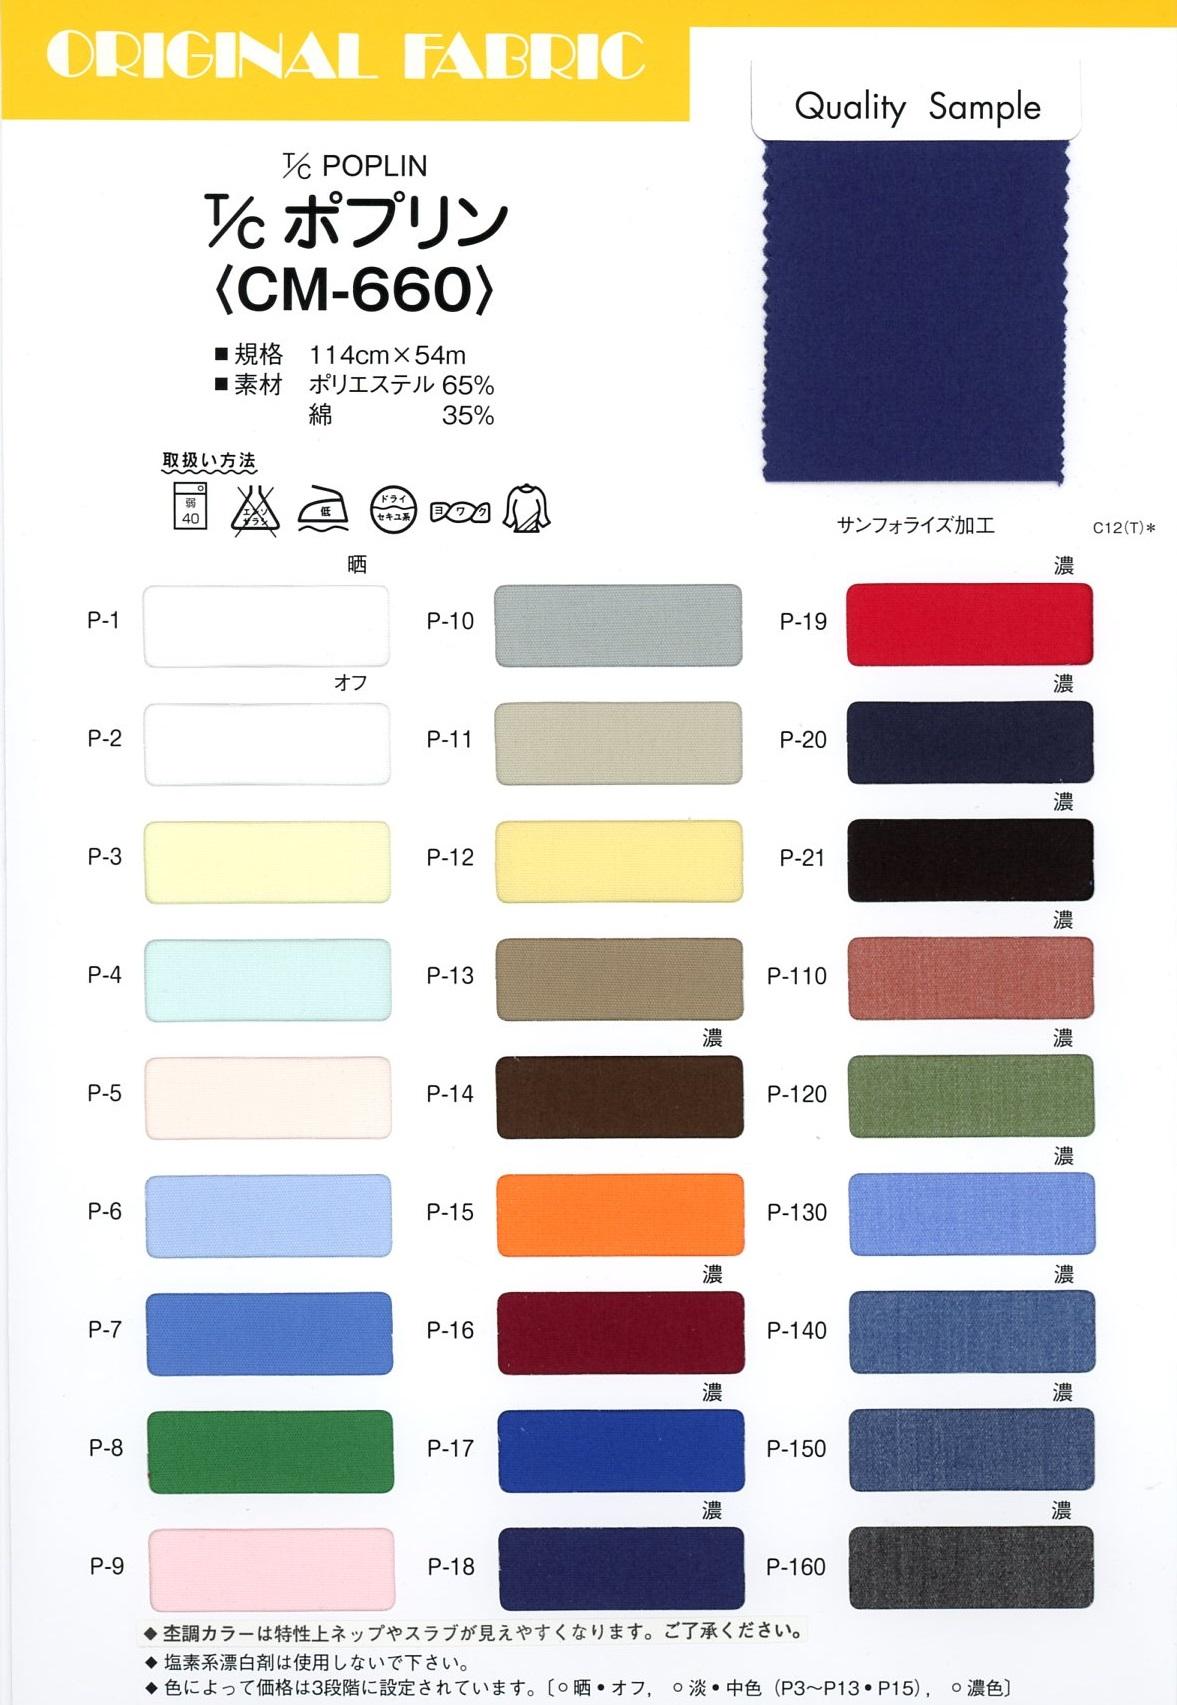 CM-660 T/C ポプリン[生地] Masuda(マスダ)/オークラ商事 - ApparelX アパレル資材卸通販